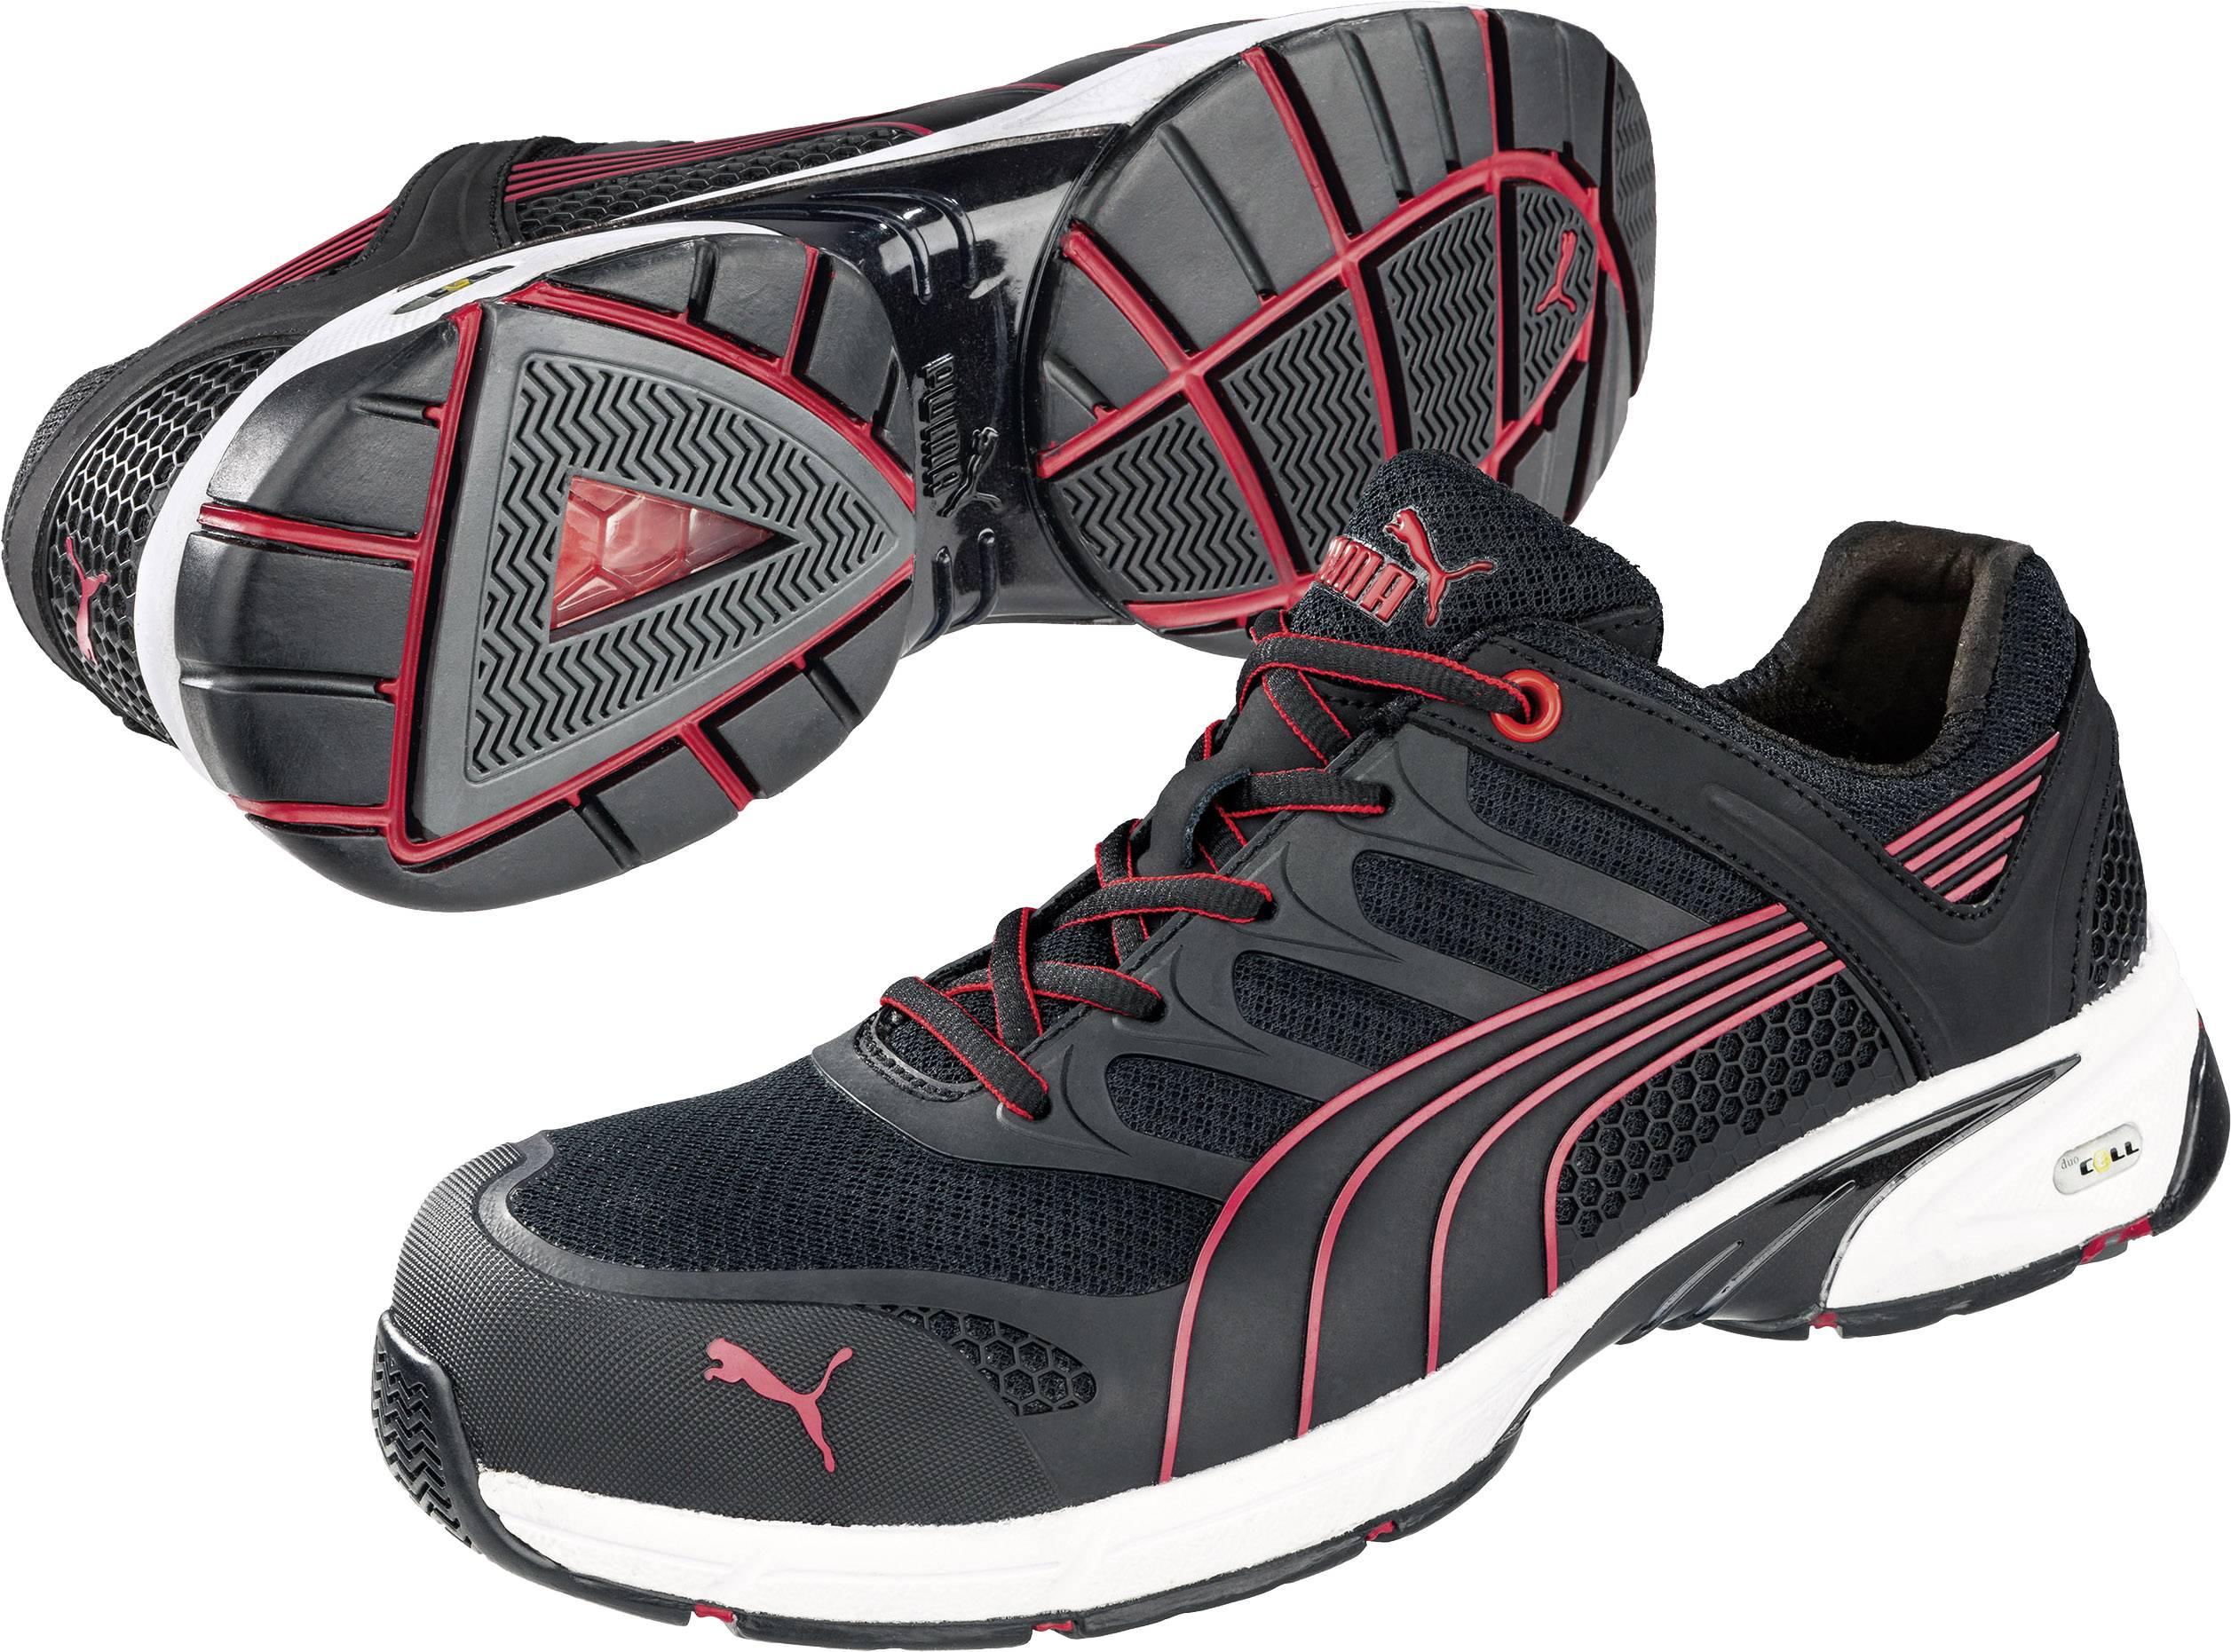 Bezpečnostní obuv S1P PUMA Safety FUSE MOTION RED LOW HRO SRA 642540, vel.: 43, černá, červená, 1 pár